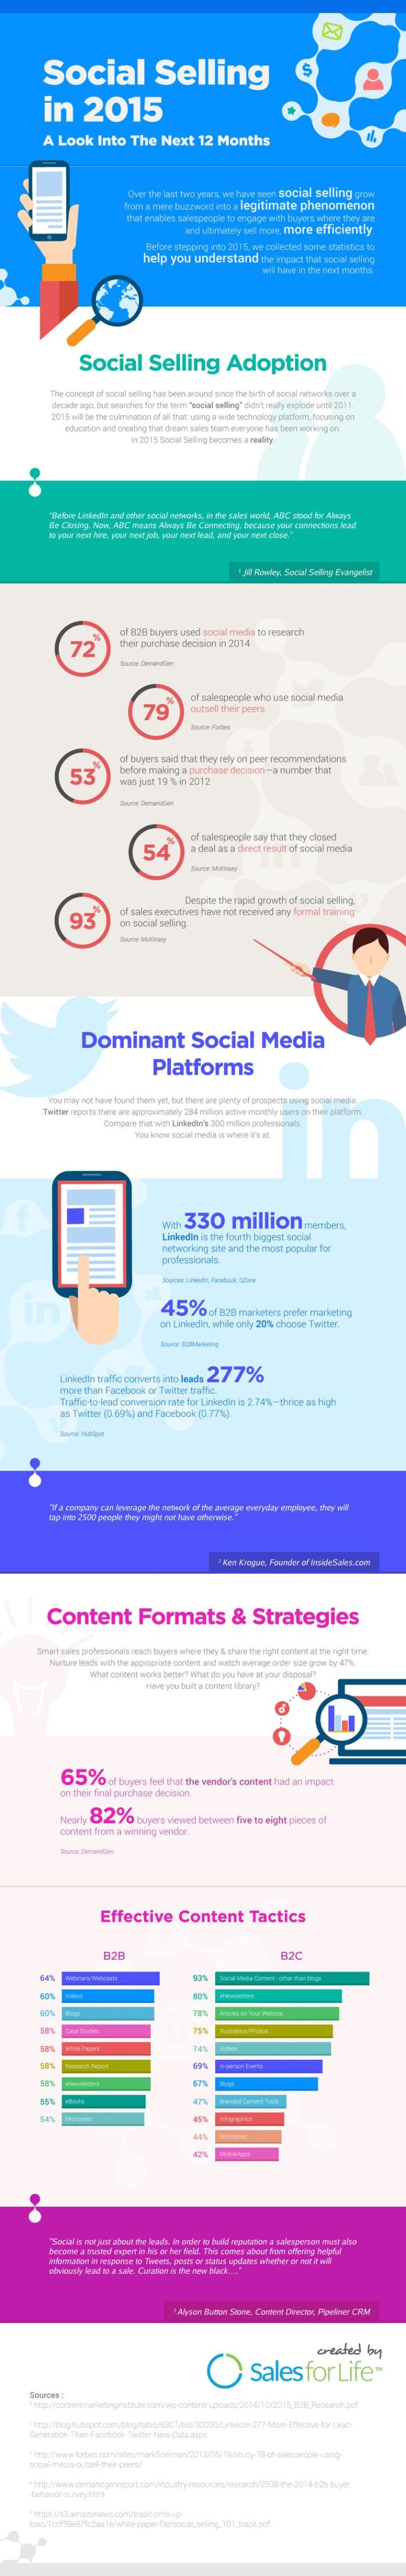 Social Selling in 2015